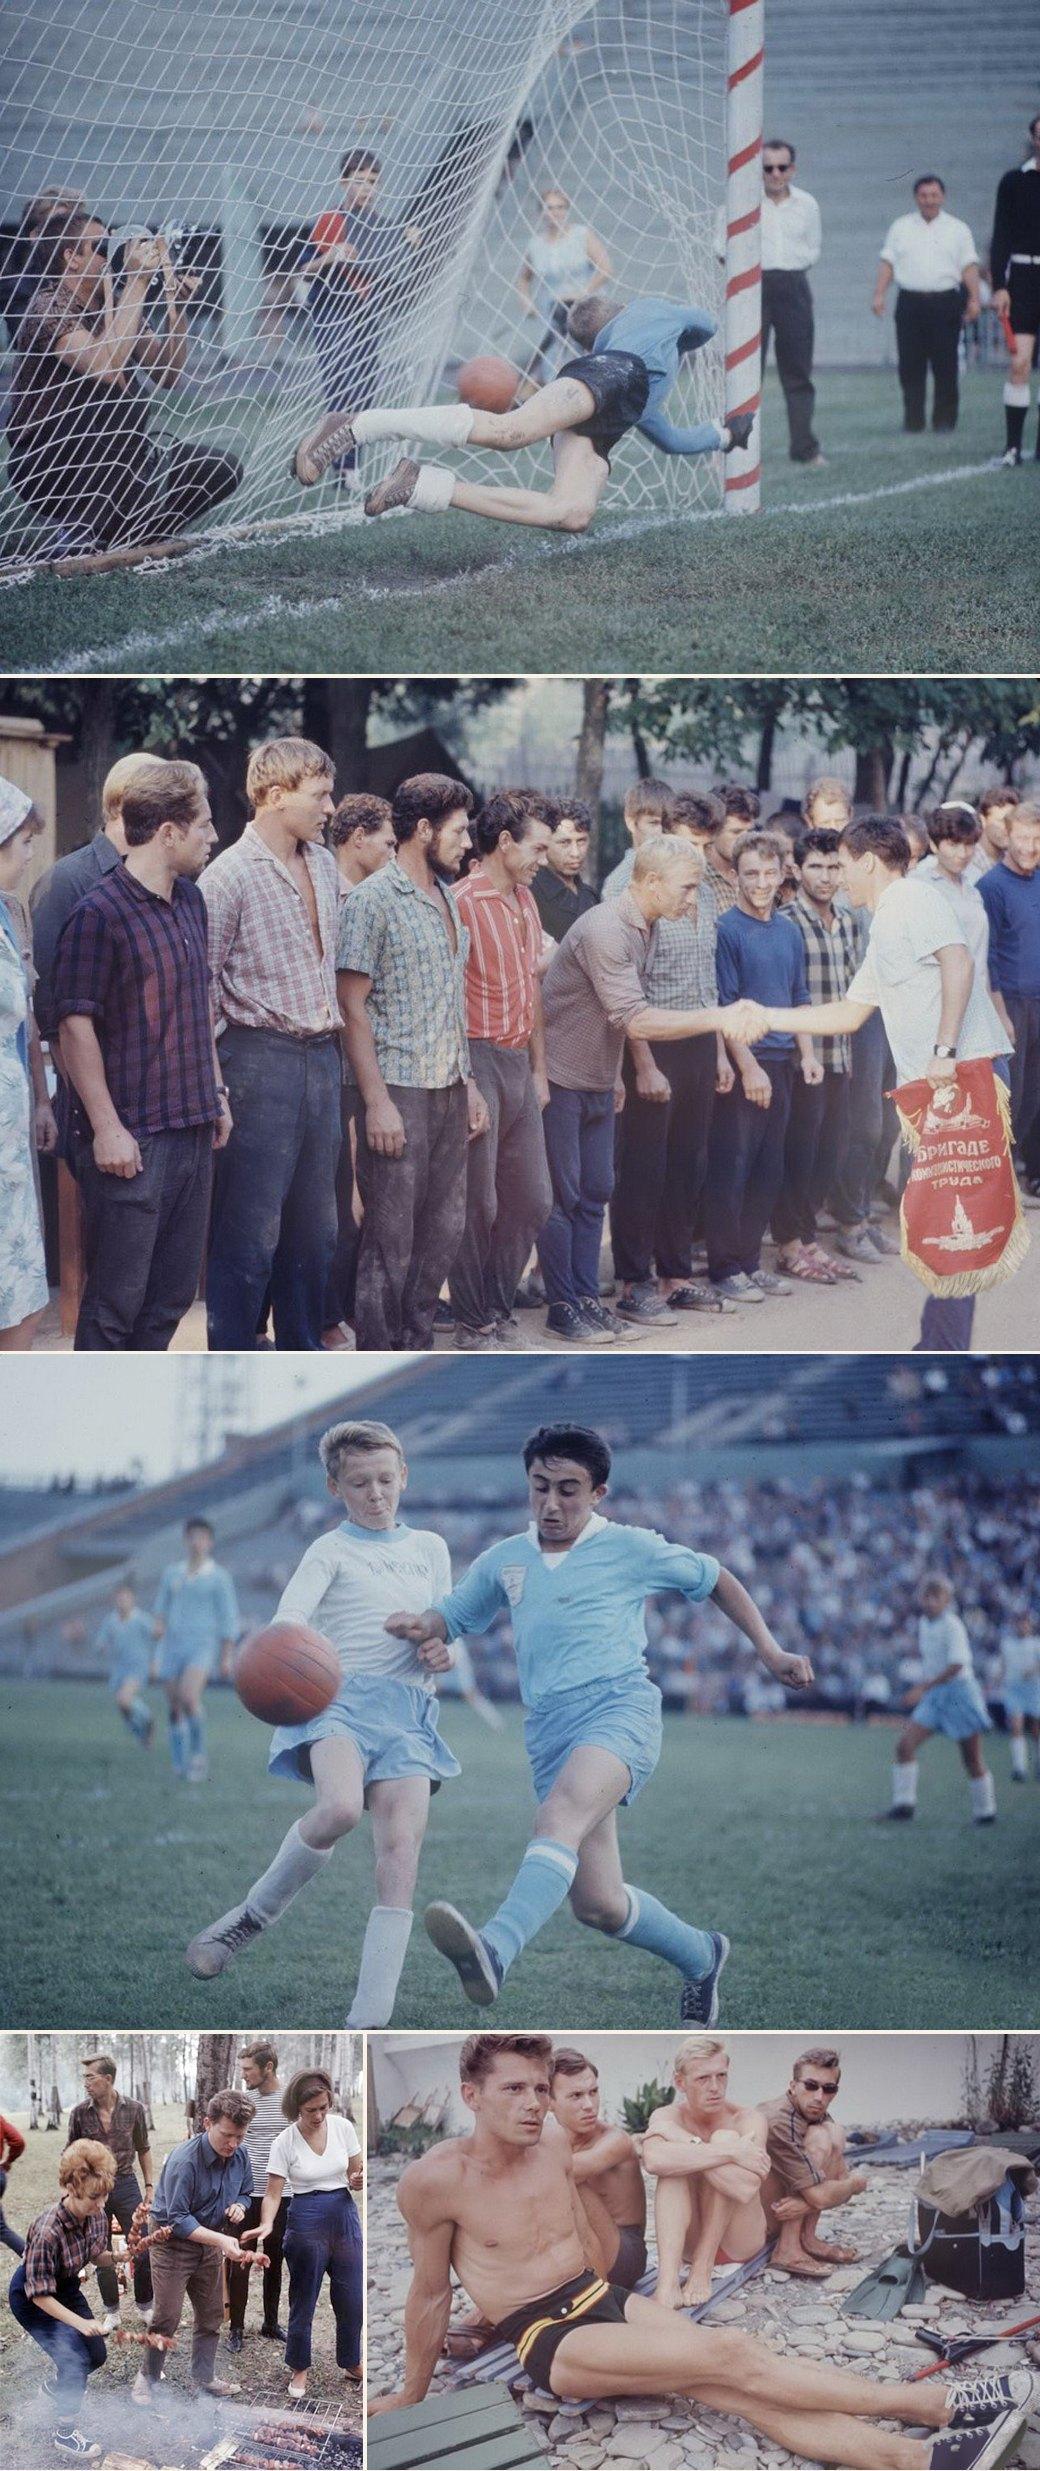 Кеды: История самой простой спортивной обуви в мире и СССР. Изображение № 10.